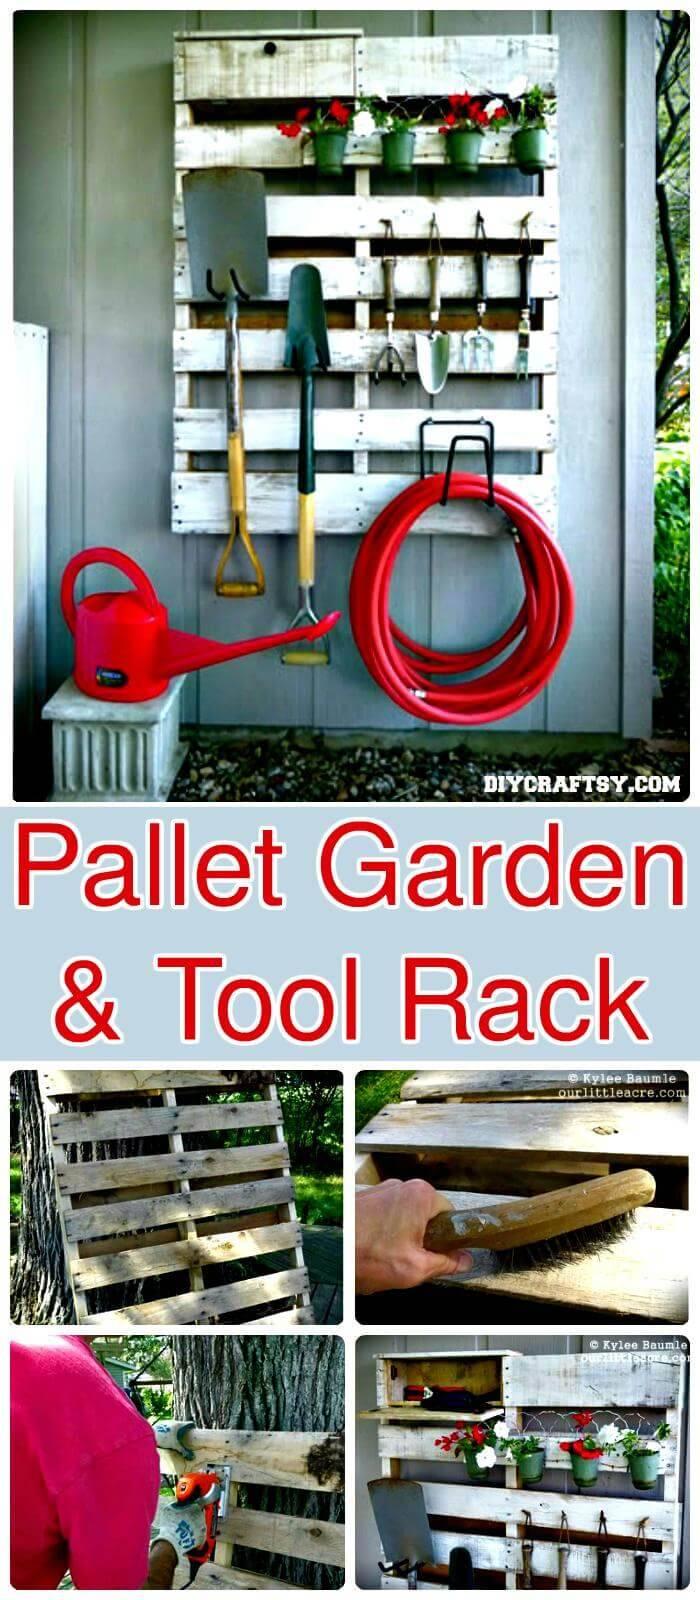 Creative Pallet Project - Pallet Garden & Tool Rack